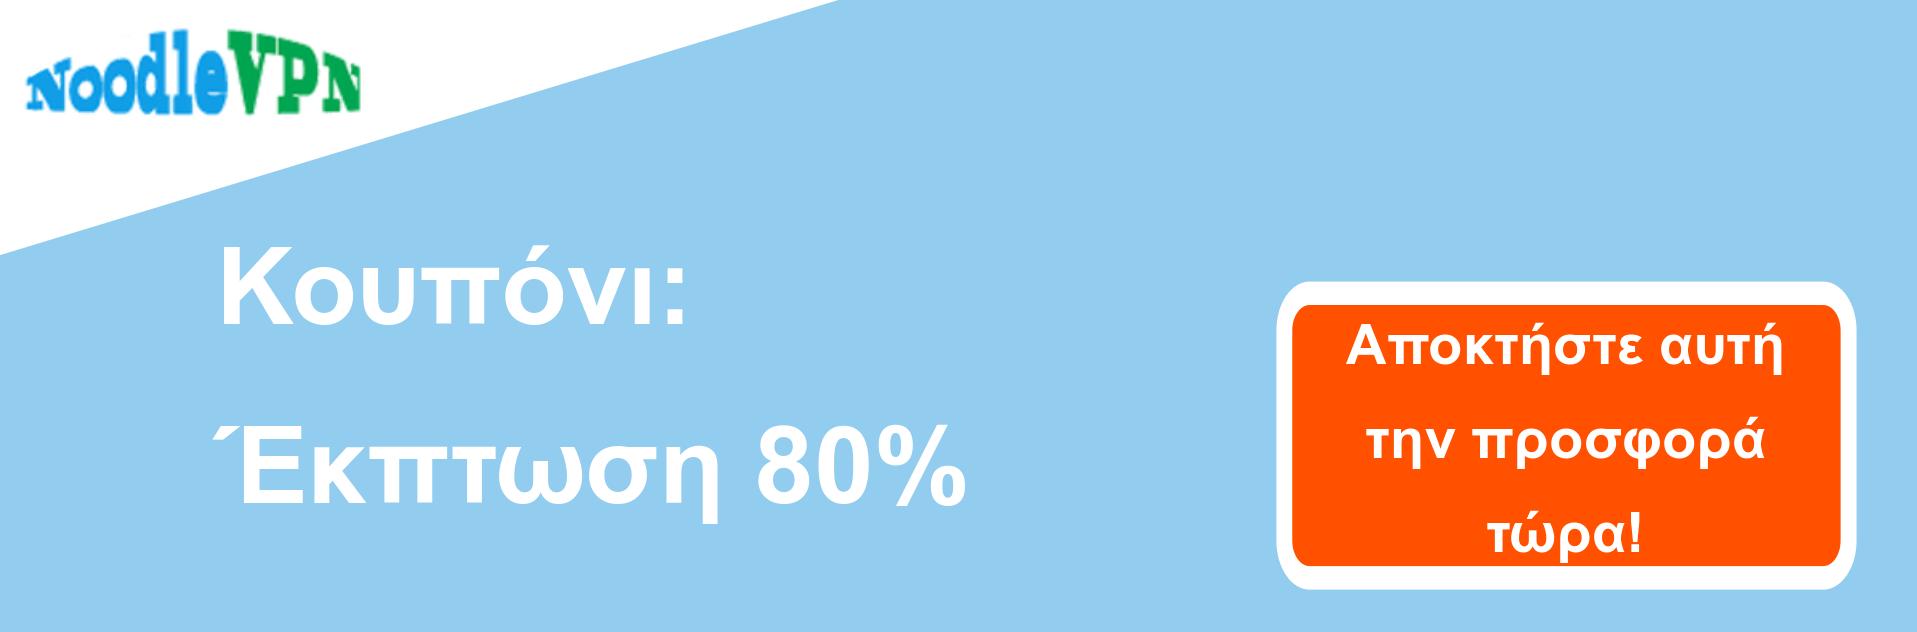 Πανό κουπονιού NoodleVPN - έκπτωση 80%